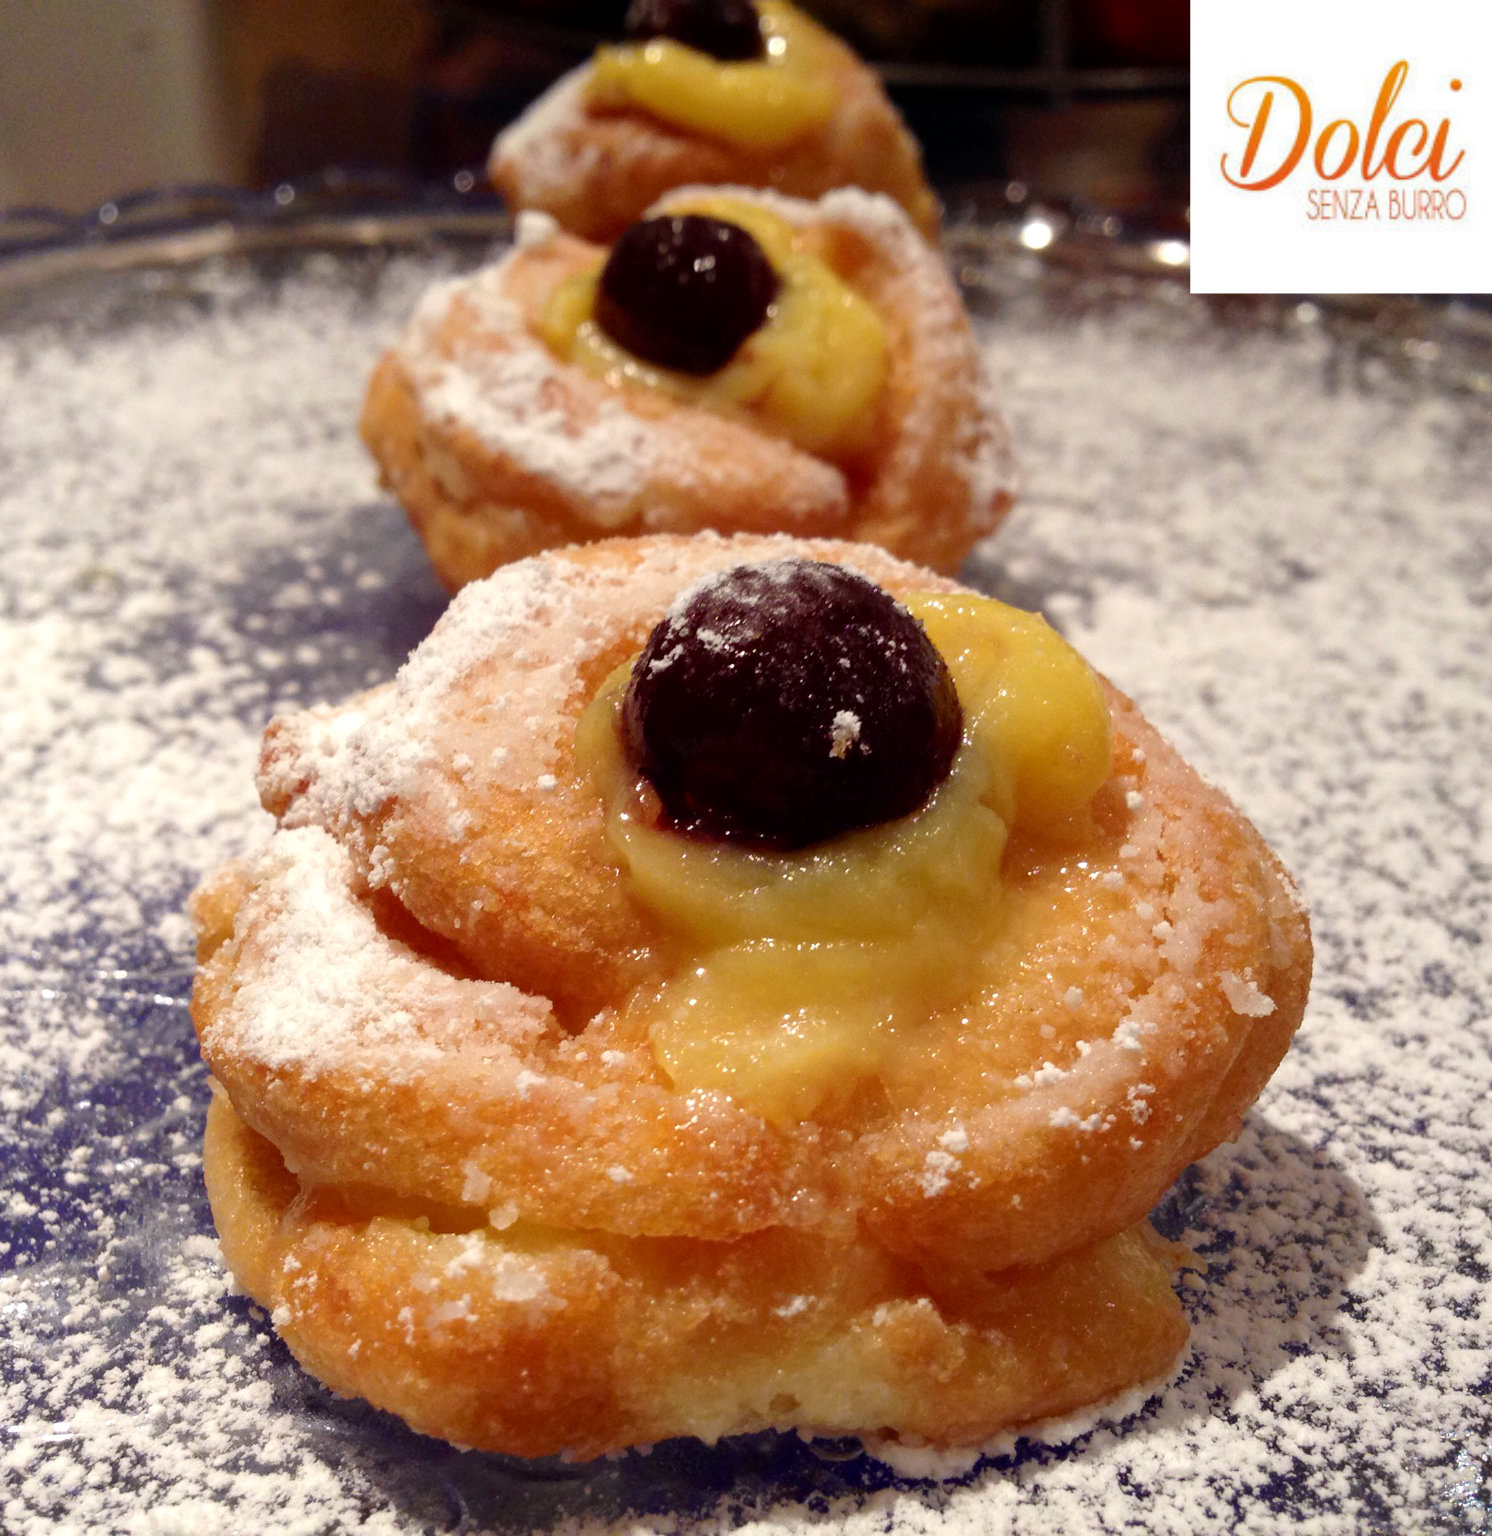 Zeppole di san giuseppe senza burro dolci senza burro for Nuove ricette dolci